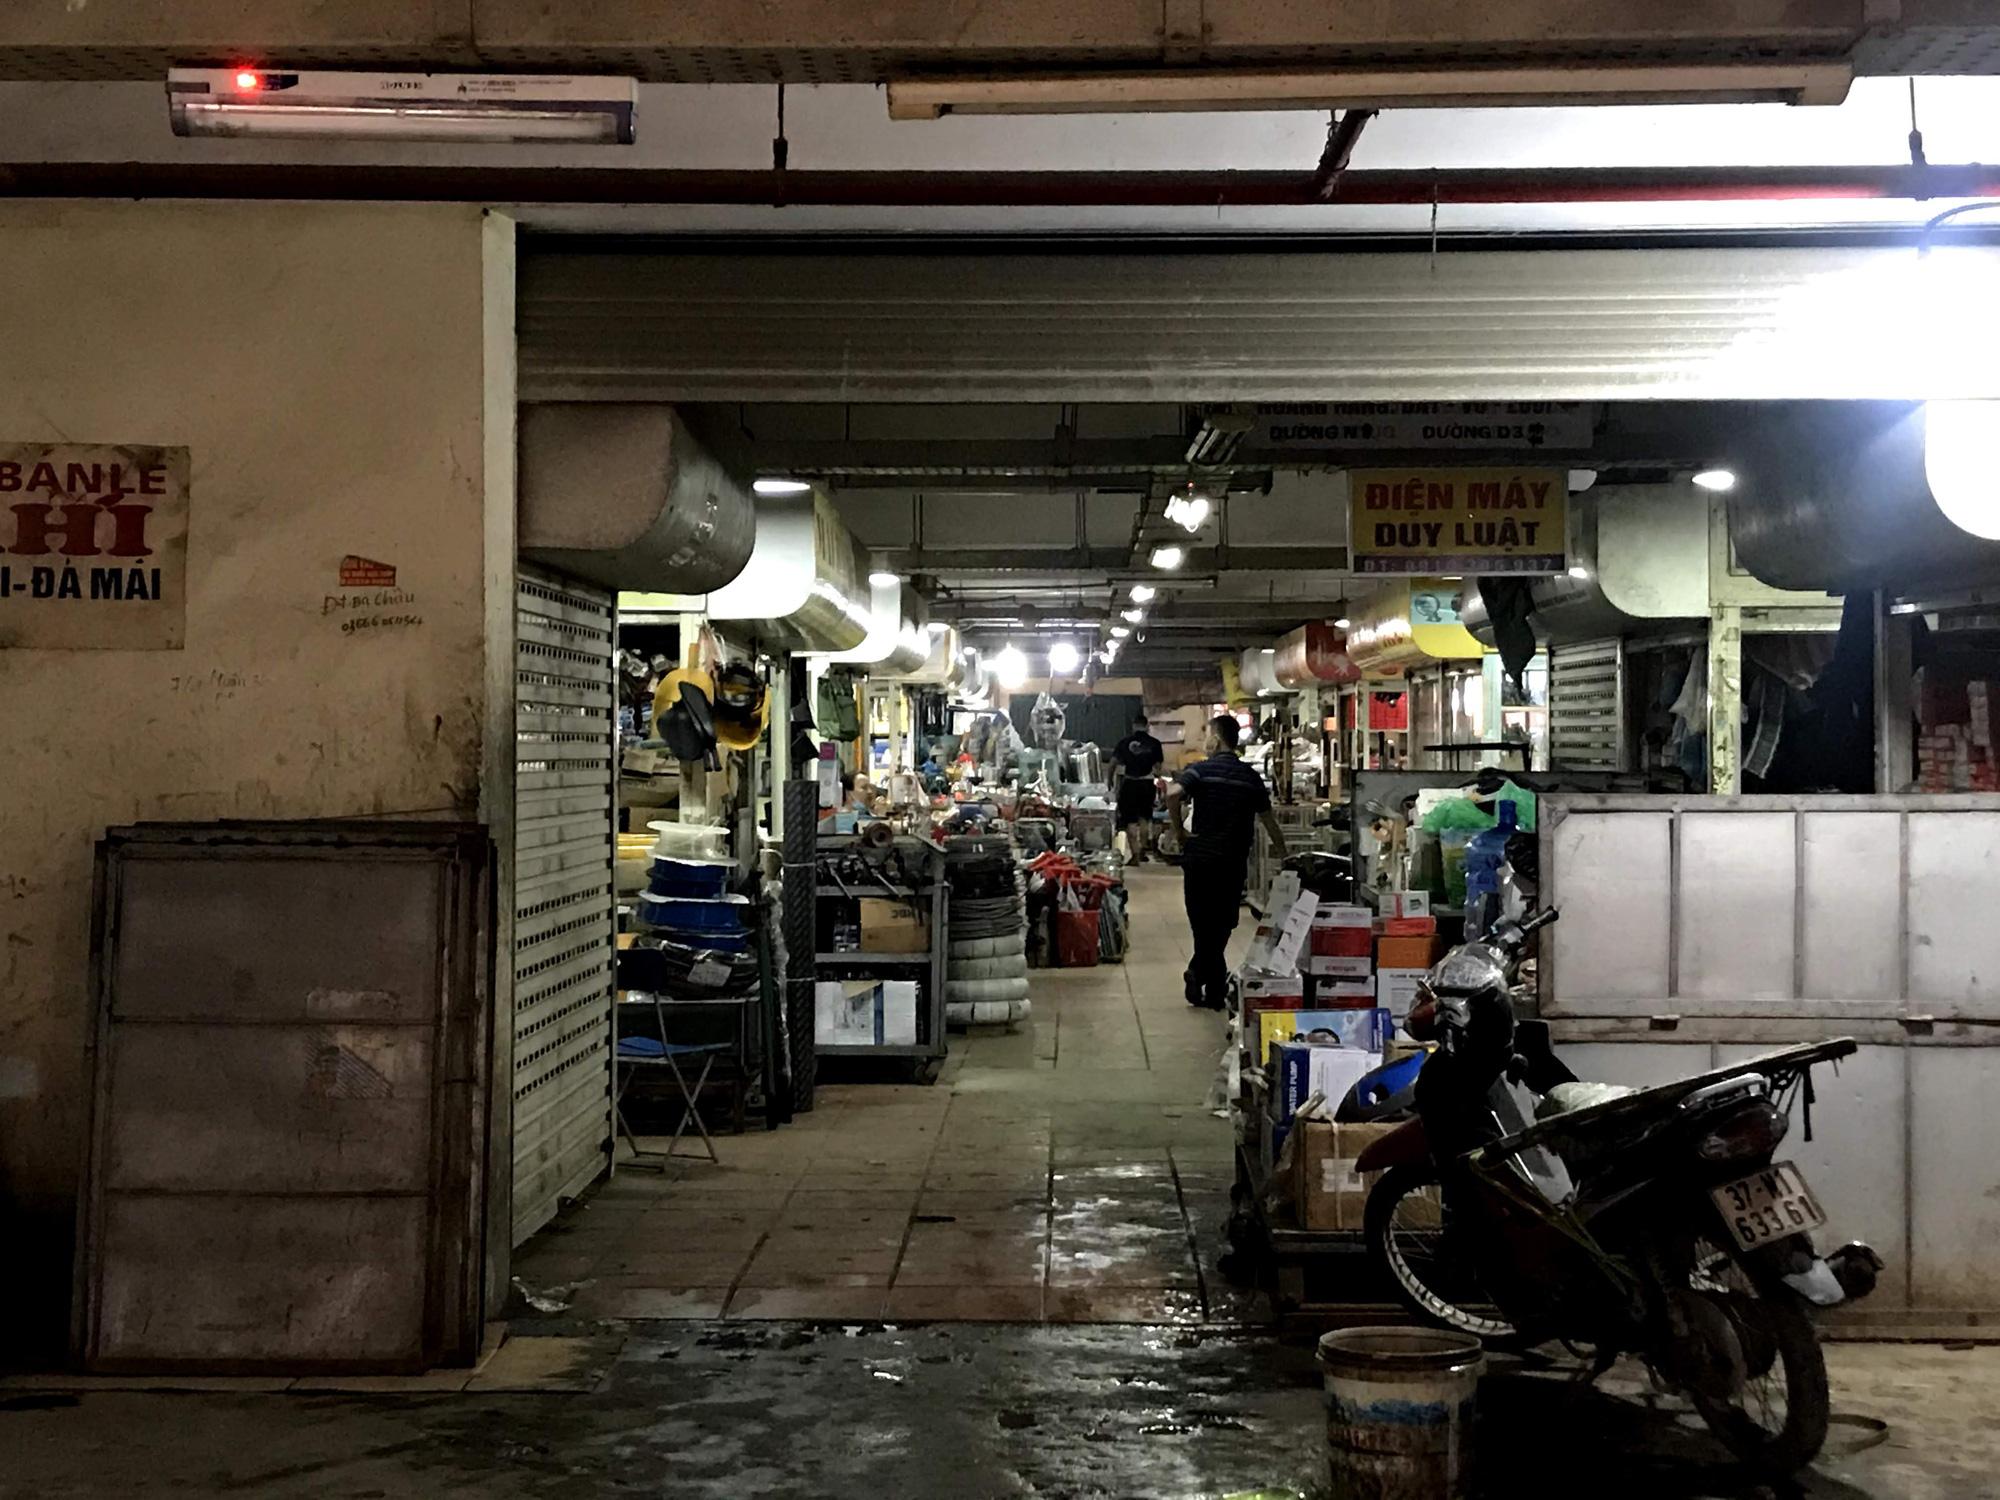 Dịch Covid-19 tại Nghệ An: Tiểu thương chợ Vinh ế ẩm, các cơ sở kinh doanh dịch vụ, giải trí đồng loạt đóng cửa - Ảnh 4.